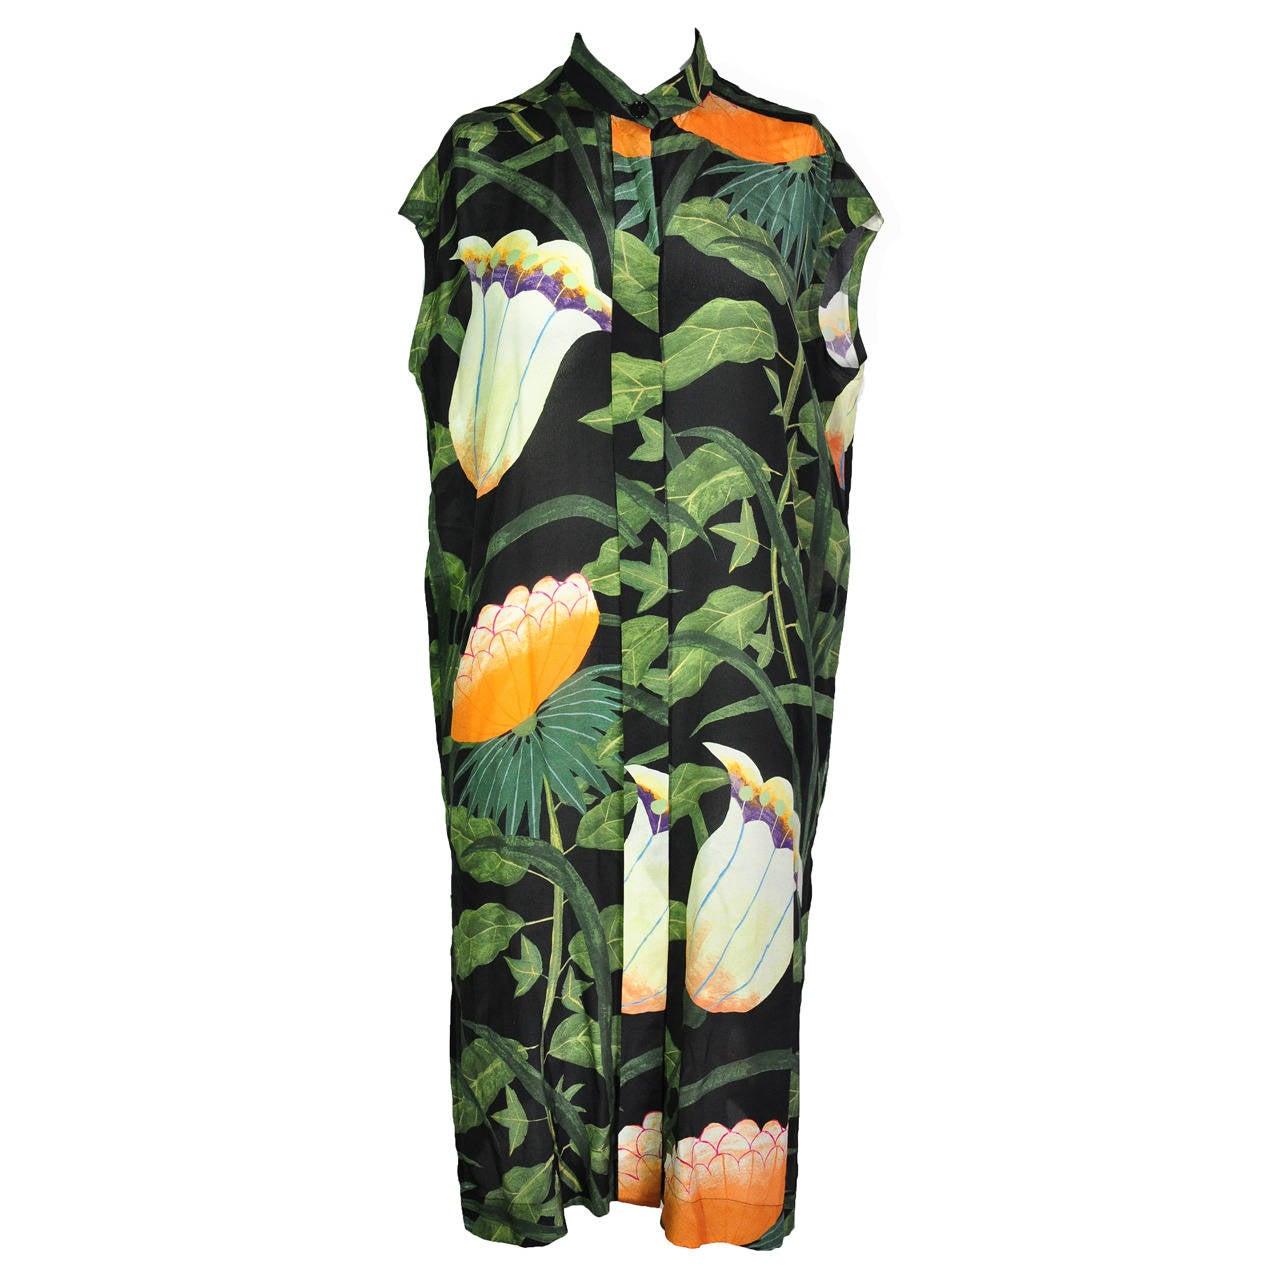 Hermes Botanical Print Sleeveless Over-sized Silk Dress 1